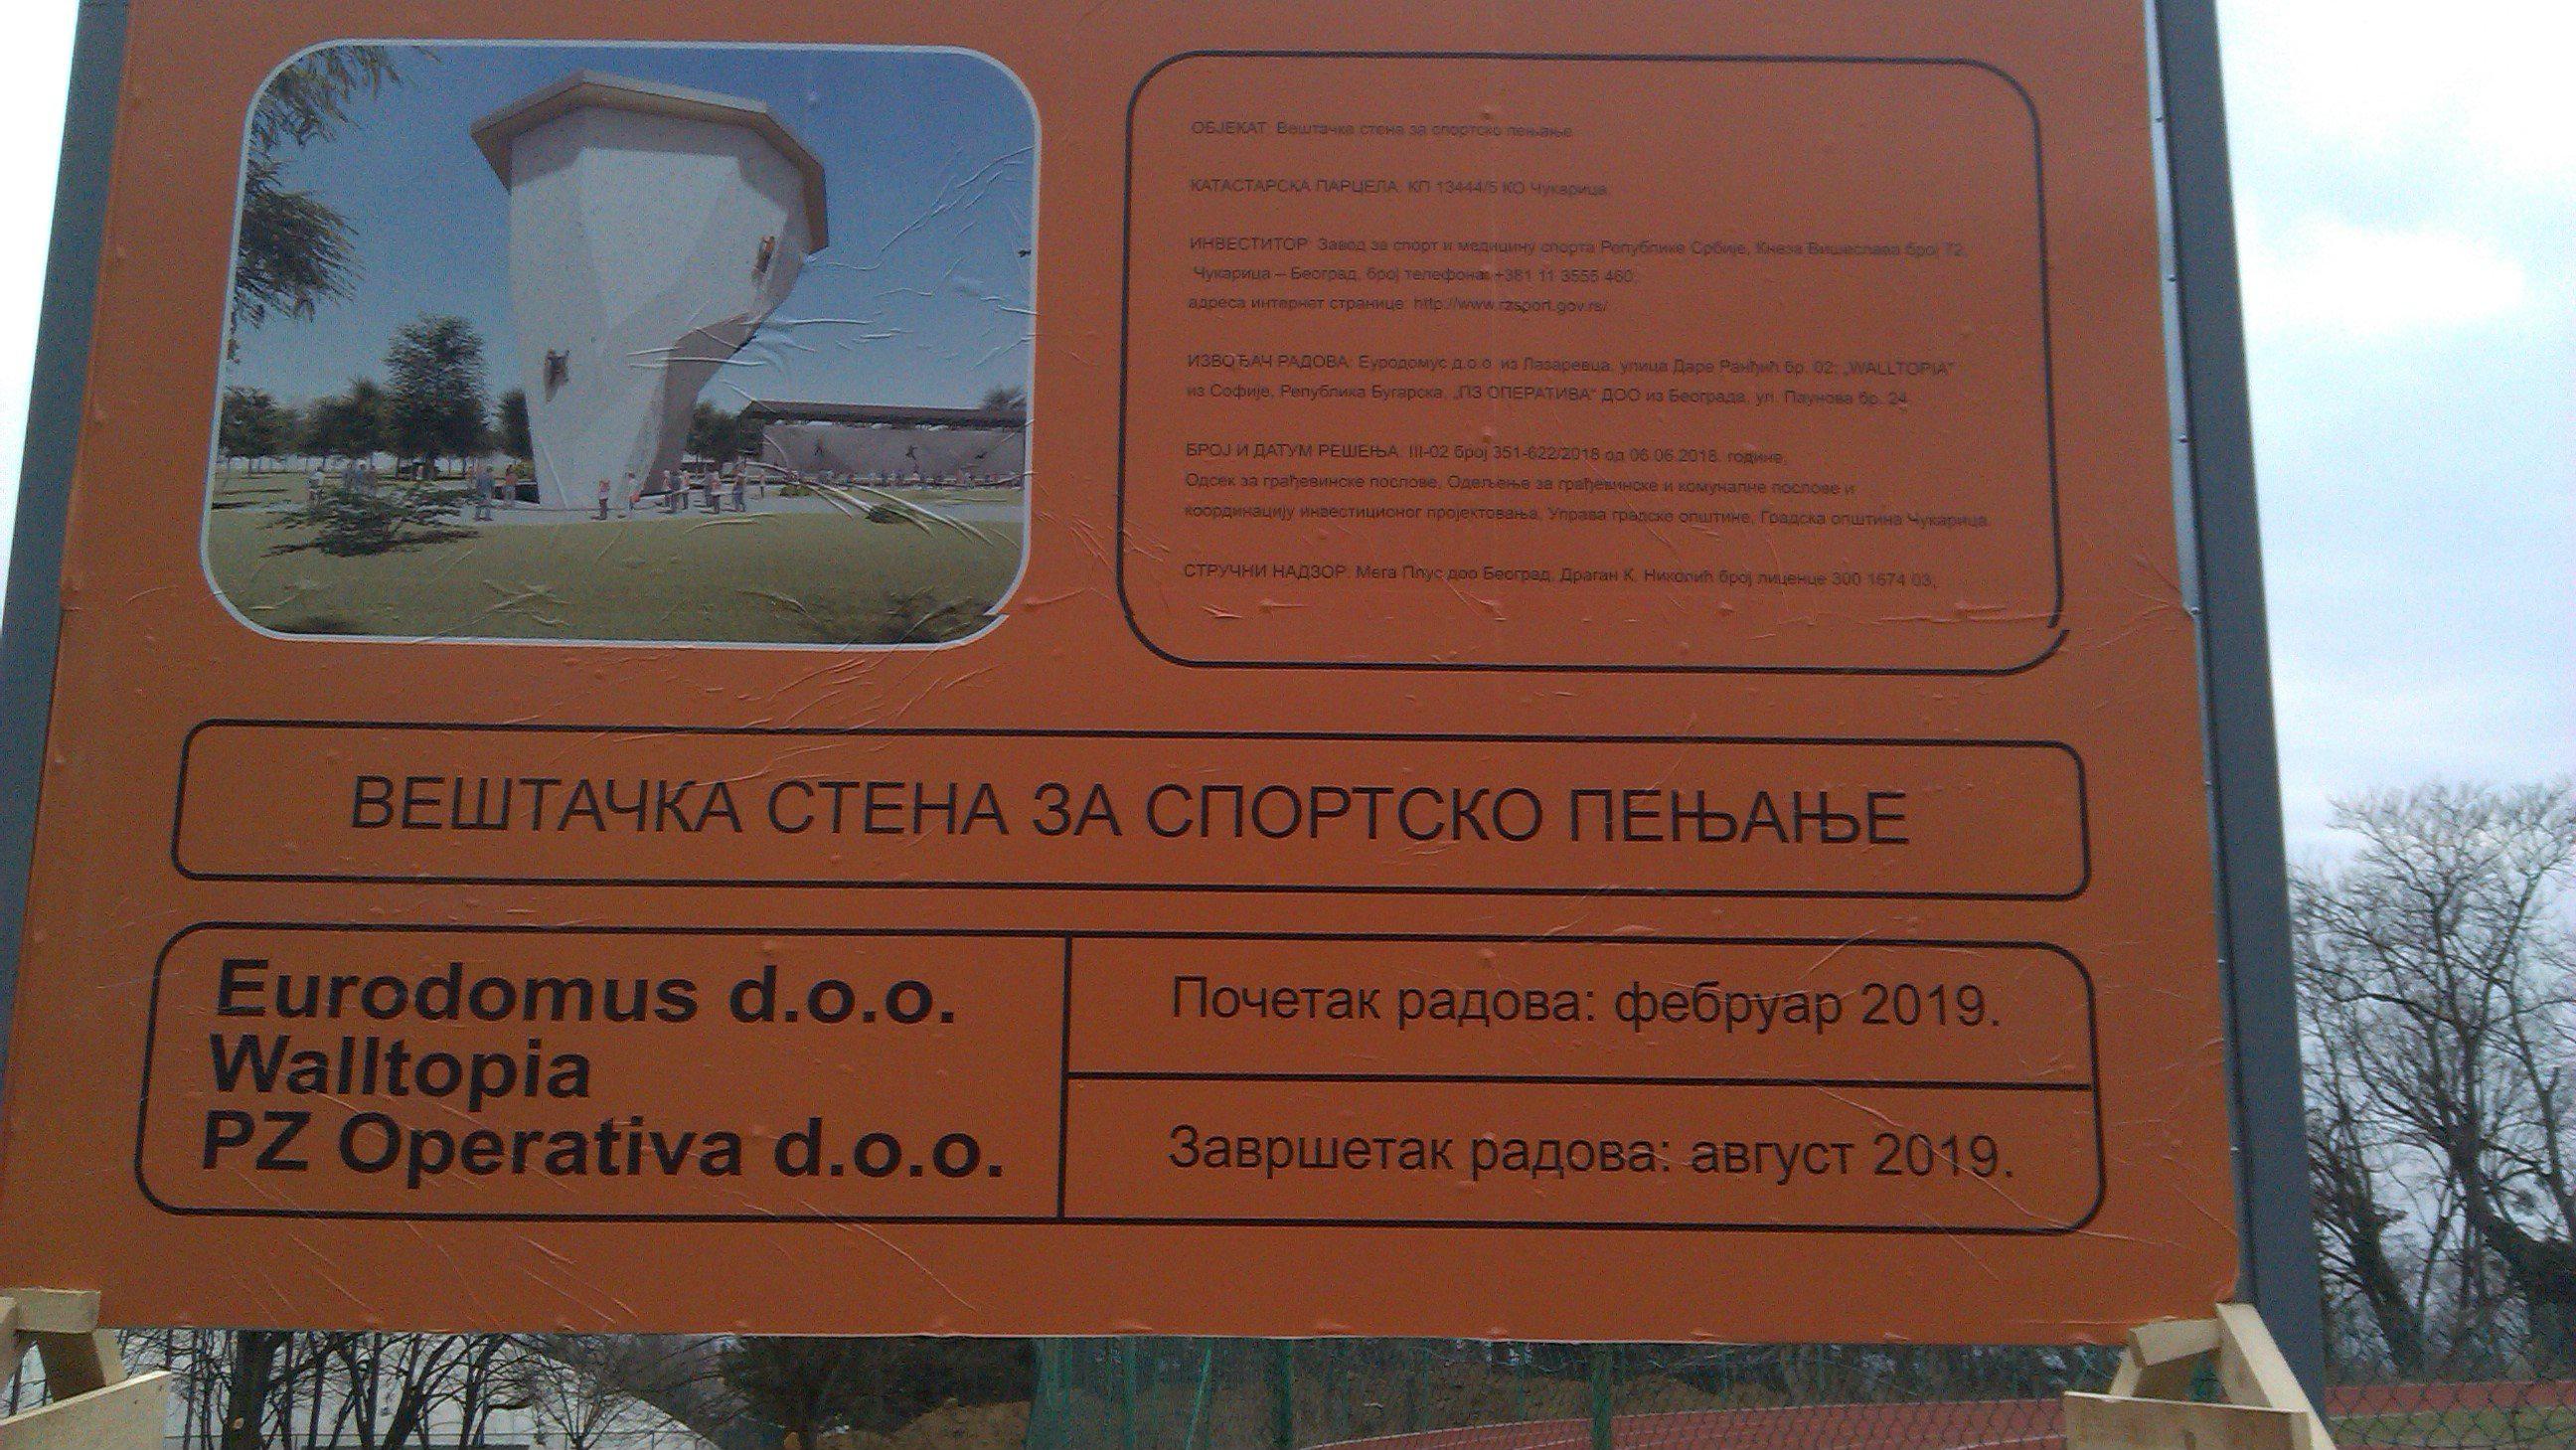 Kome treba stena za penjanje od 1,2 miliona evra usred zelenila 2